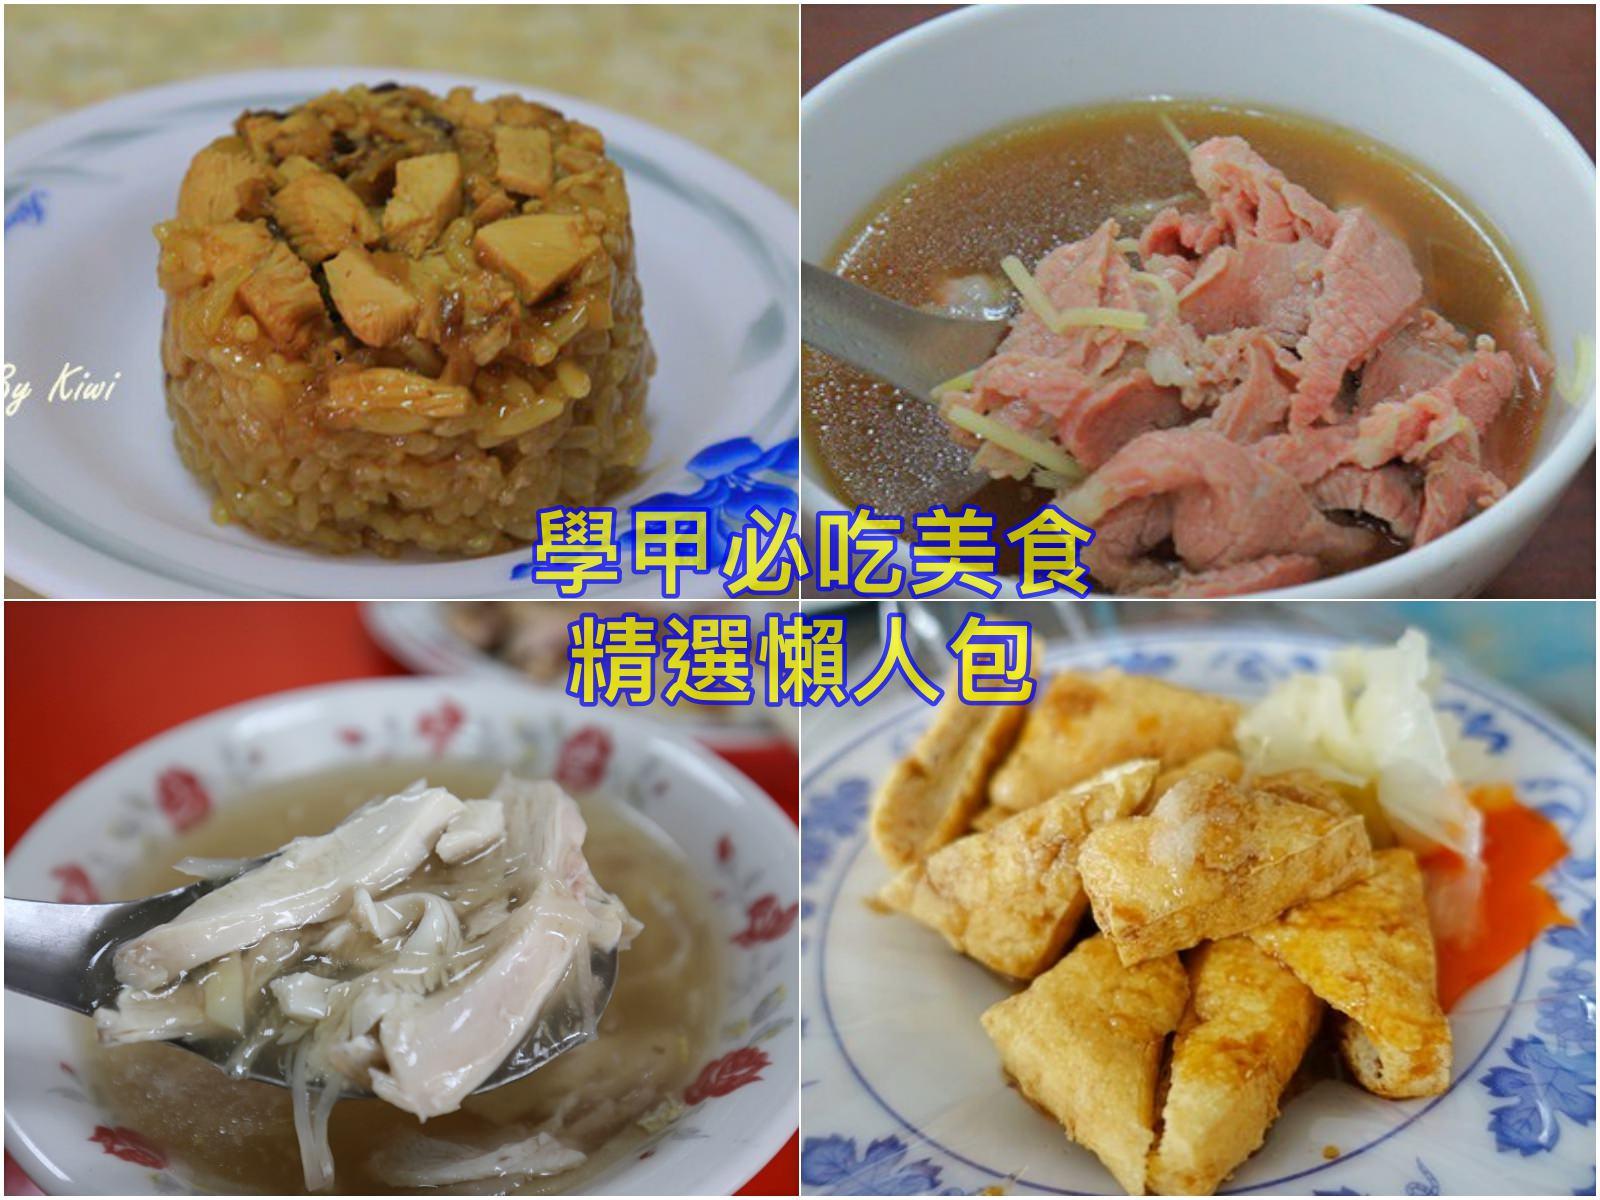 學甲必吃五家美食|台南學甲必吃美食推薦順德土產牛肉湯、市場雞蛋糕、獨有的雞肉米糕、臭豆腐、永通虱目魚粥